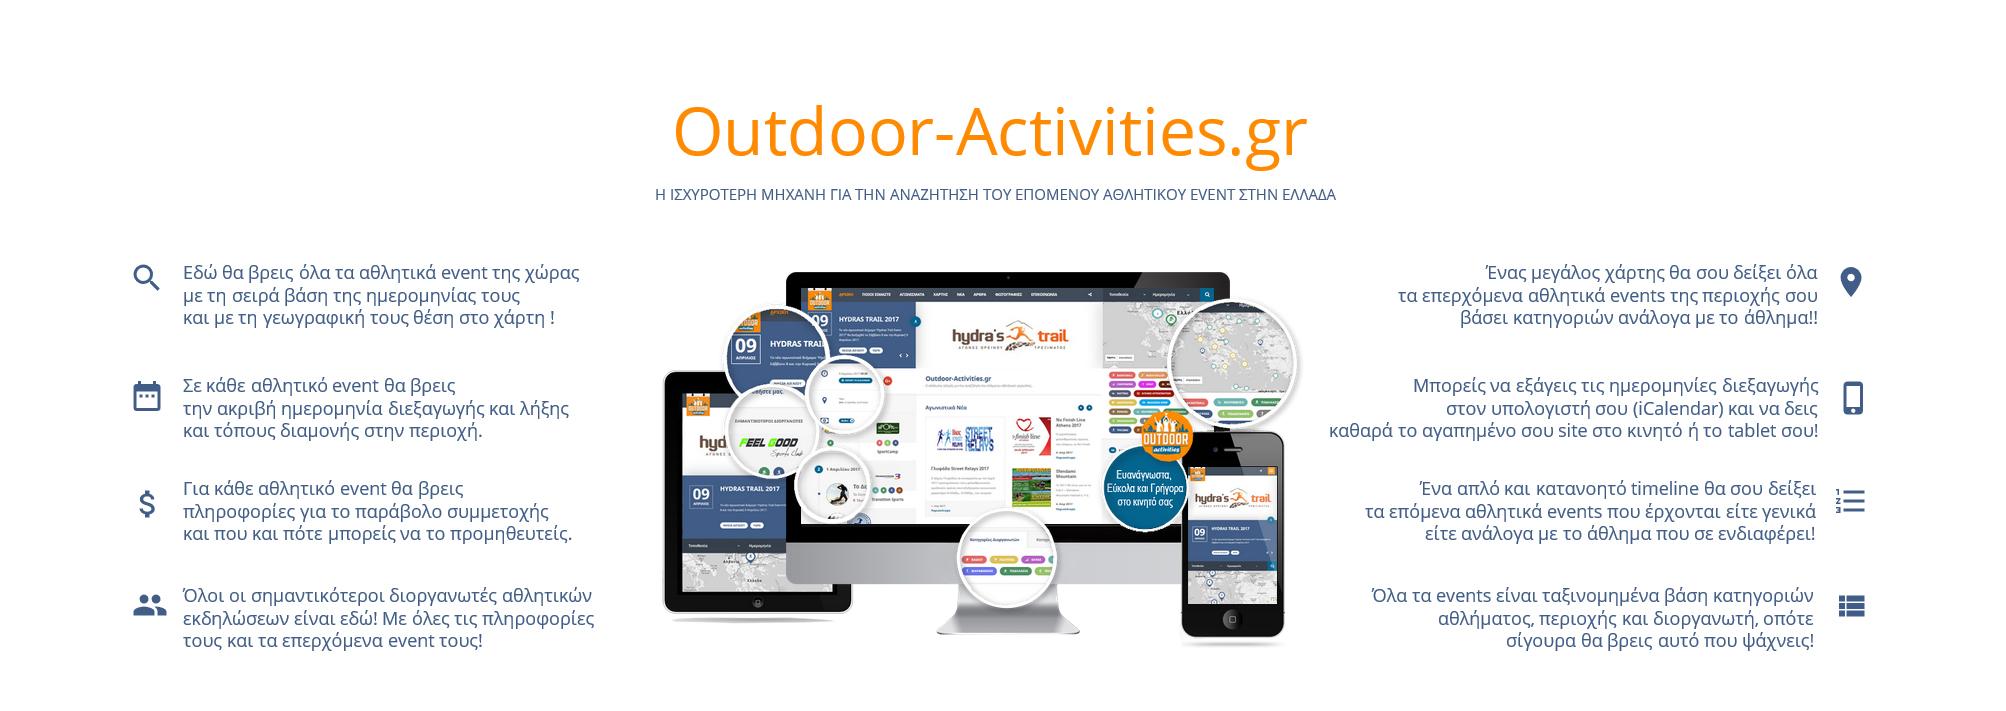 Outdoor-Activities - Παροχες